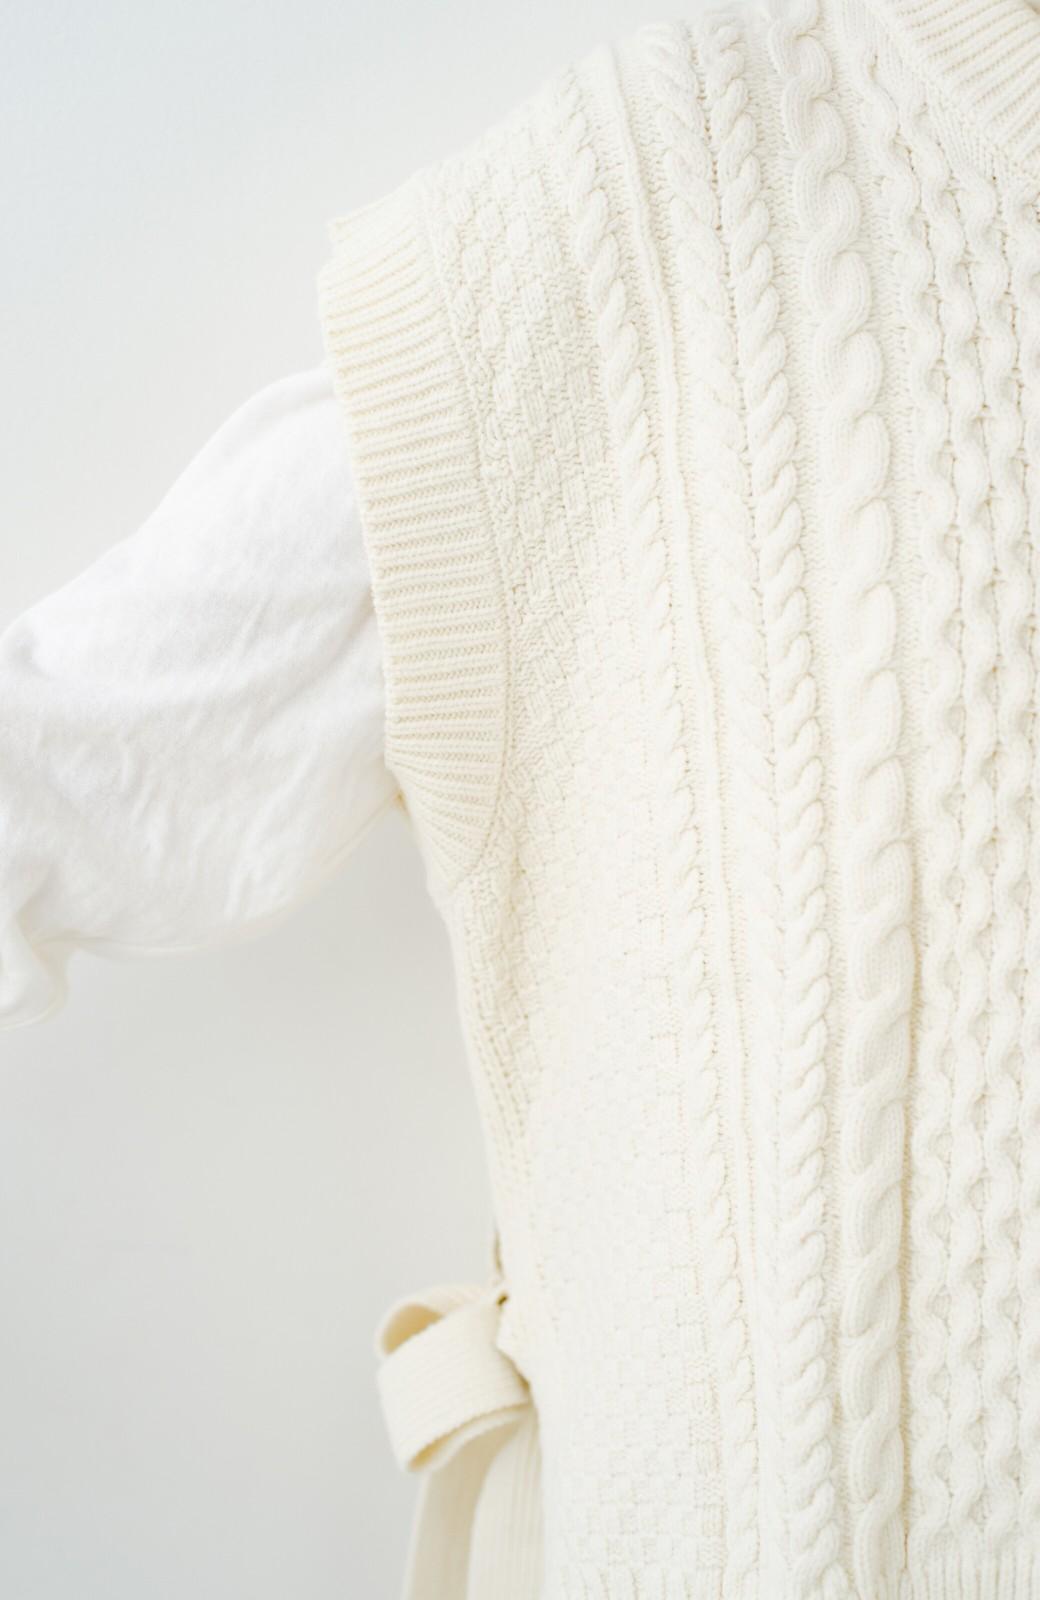 haco! ワンピースやシャツに重ねるだけであっという間に今っぽくなれるケーブル編みニットベスト <アイボリー>の商品写真11